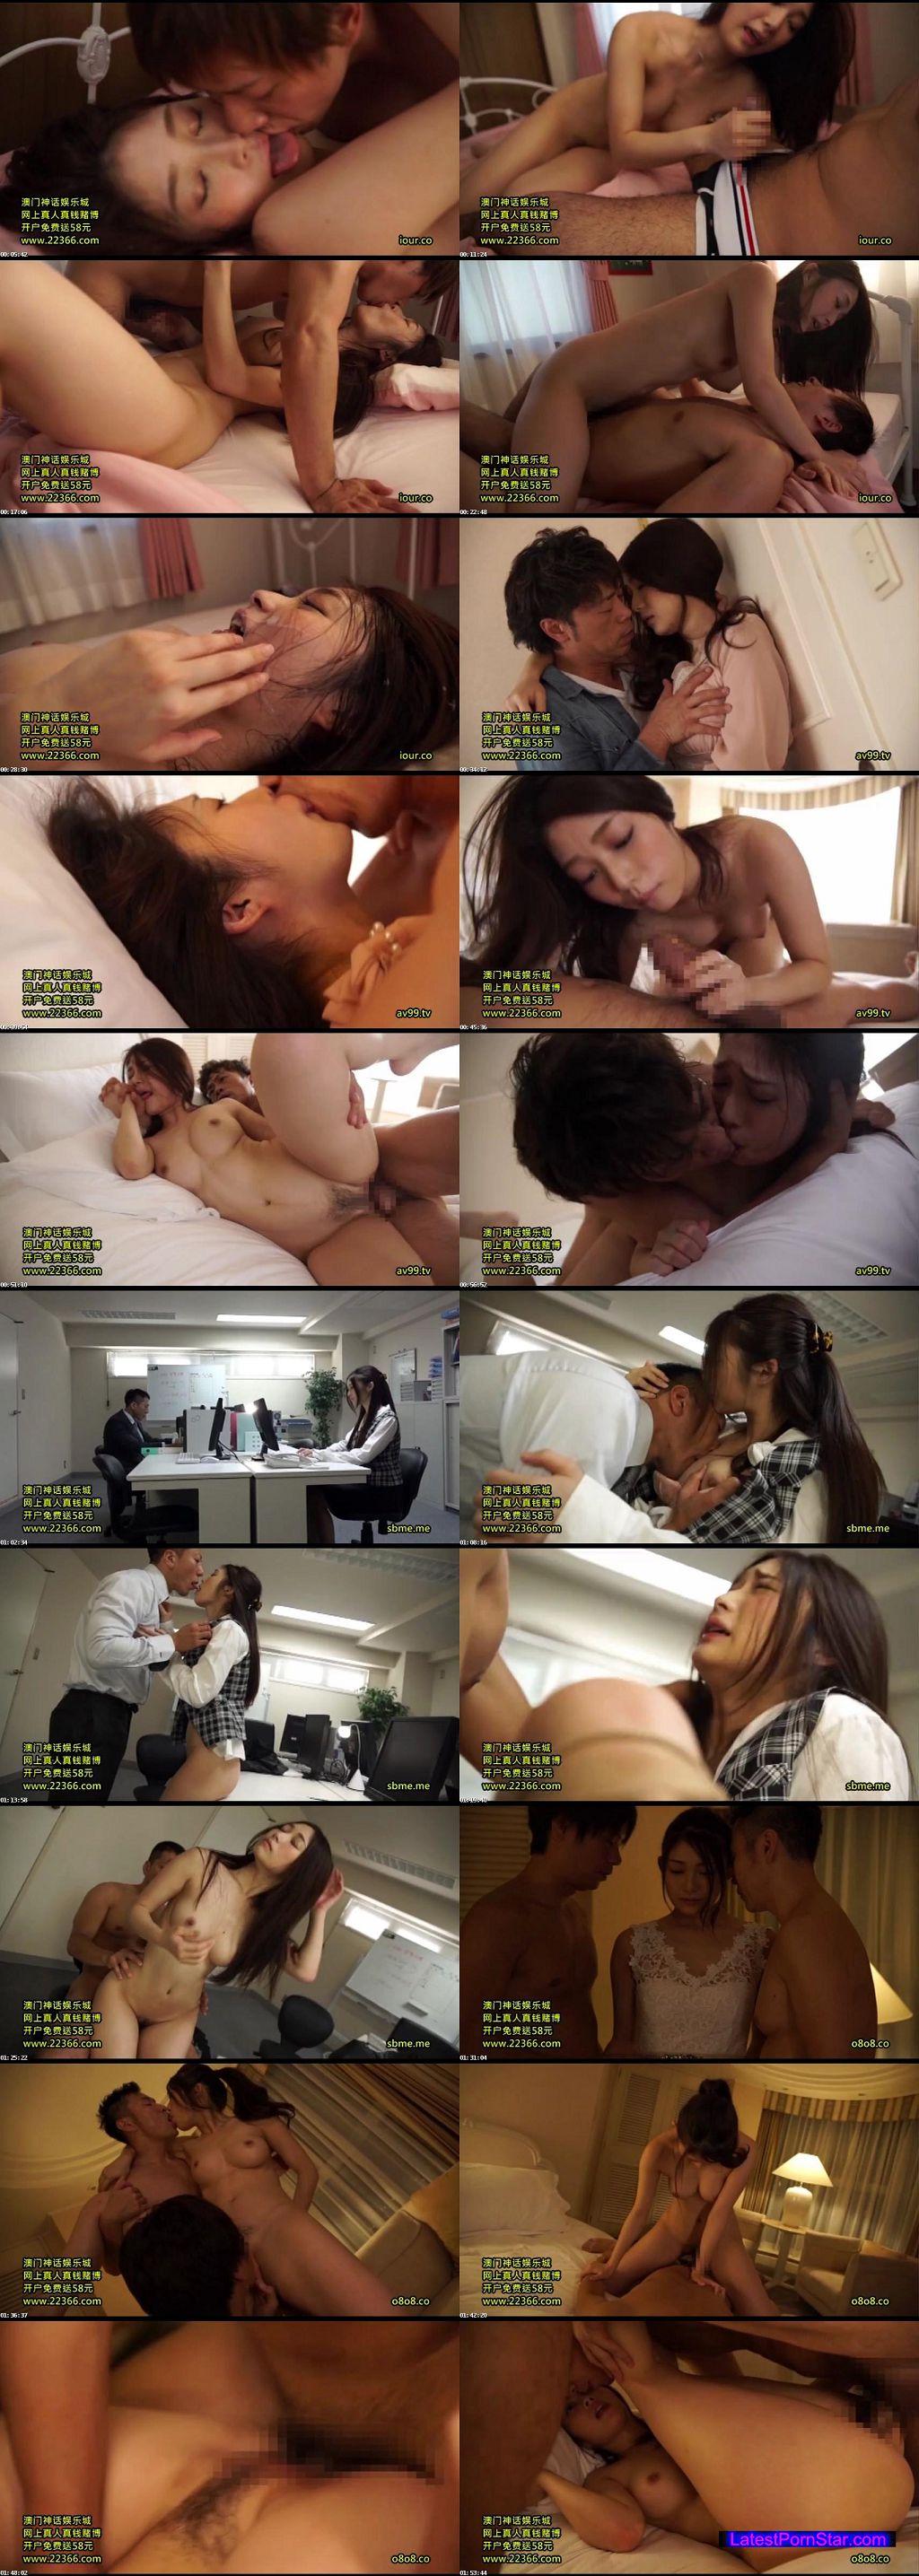 [STAR-645] 香澄はるか 絡みつくねっとりキス、一度火がついてしまうと止まらない発情濃密セックス